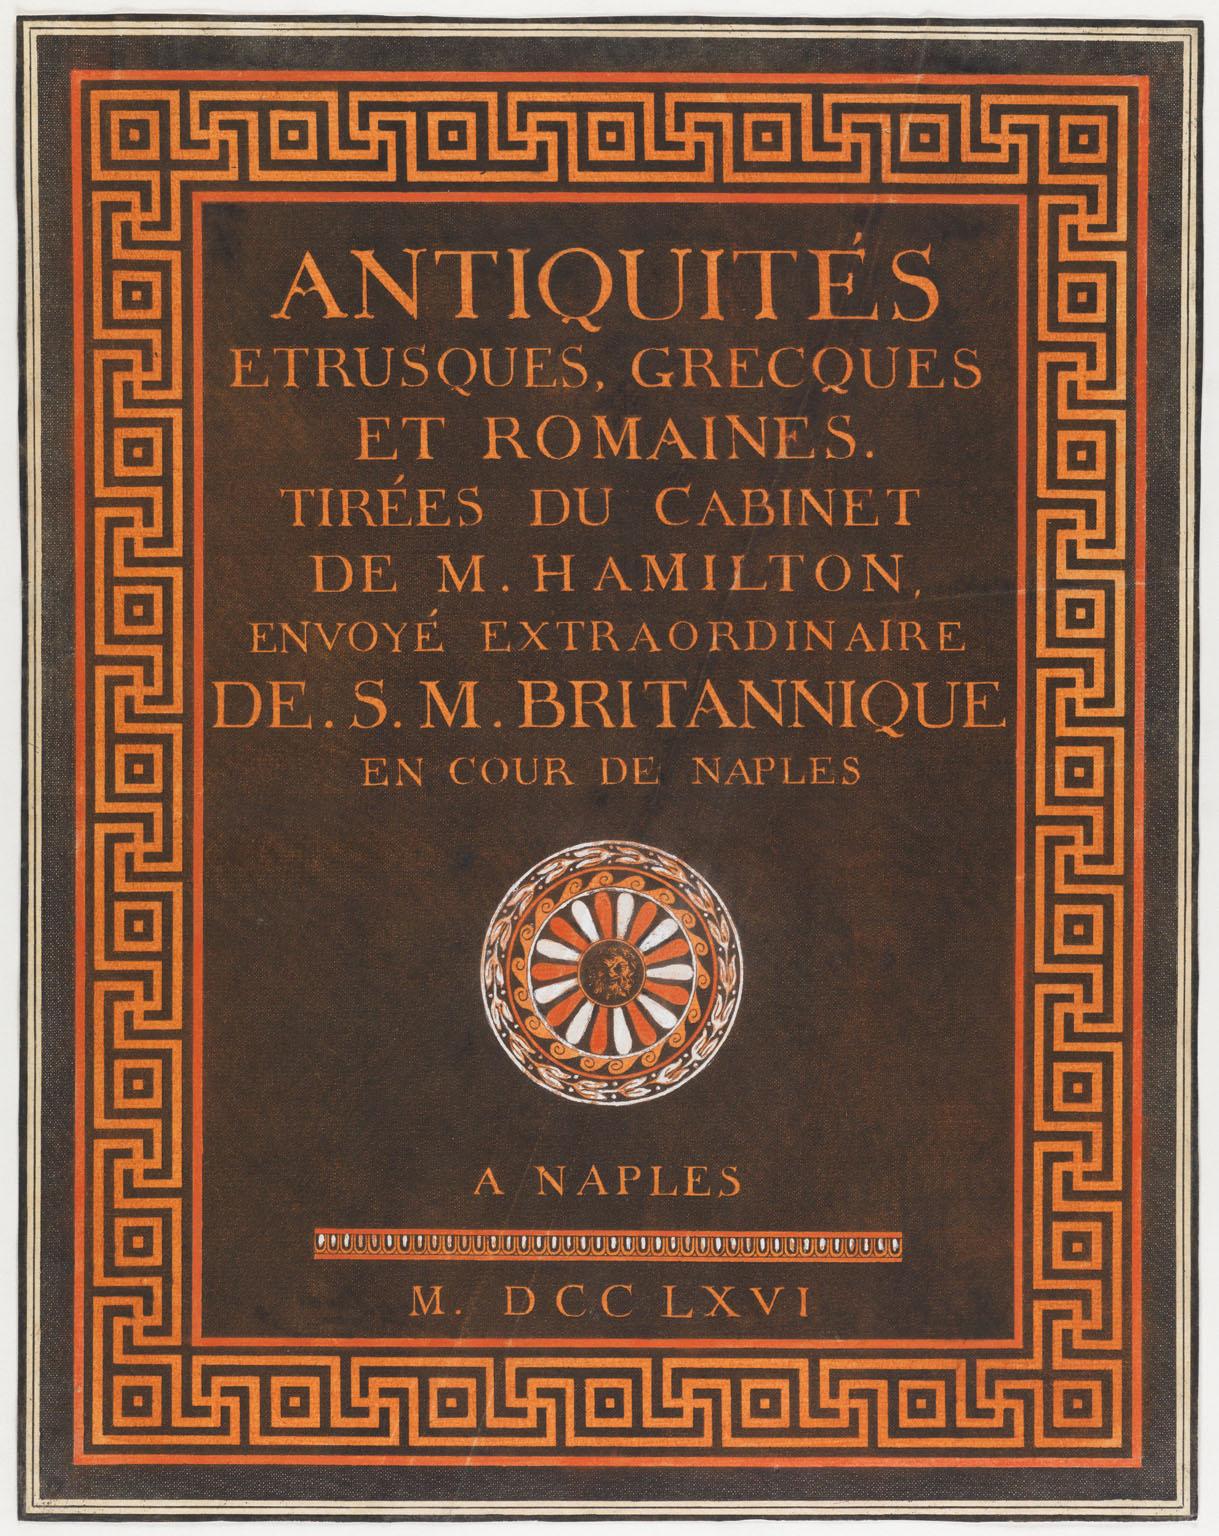 CLICK FOR LARGER IMAGE: Title page from Antiquités etrusques, grecques et romaines